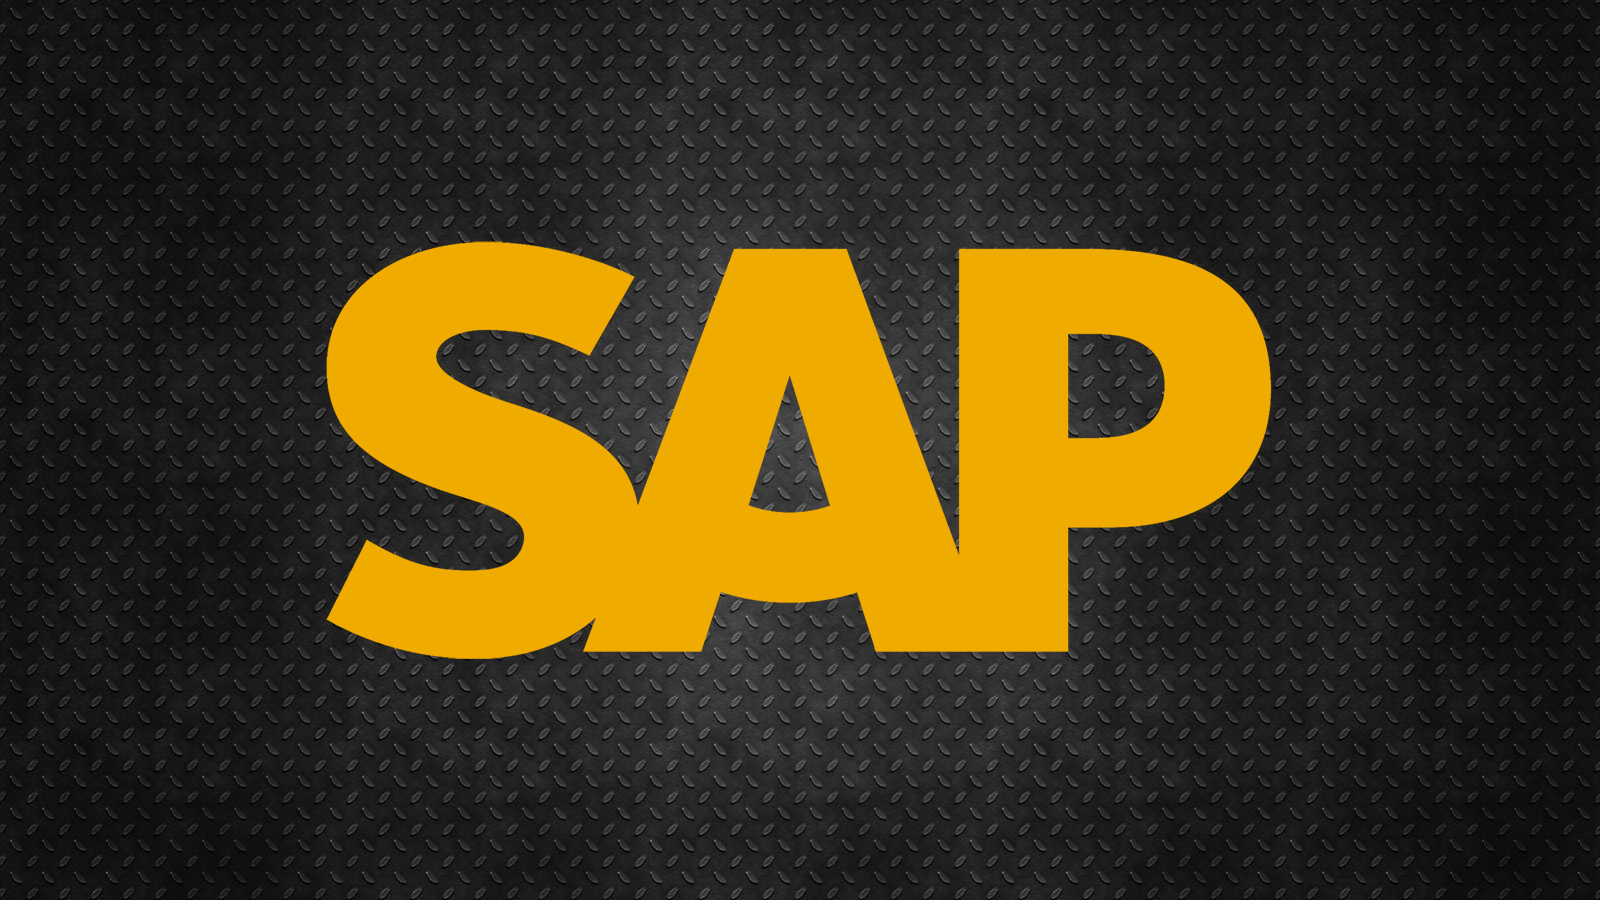 Best 48 SAP Wallpaper on HipWallpaper Rip ASAP Yams Wallpaper 1600x900